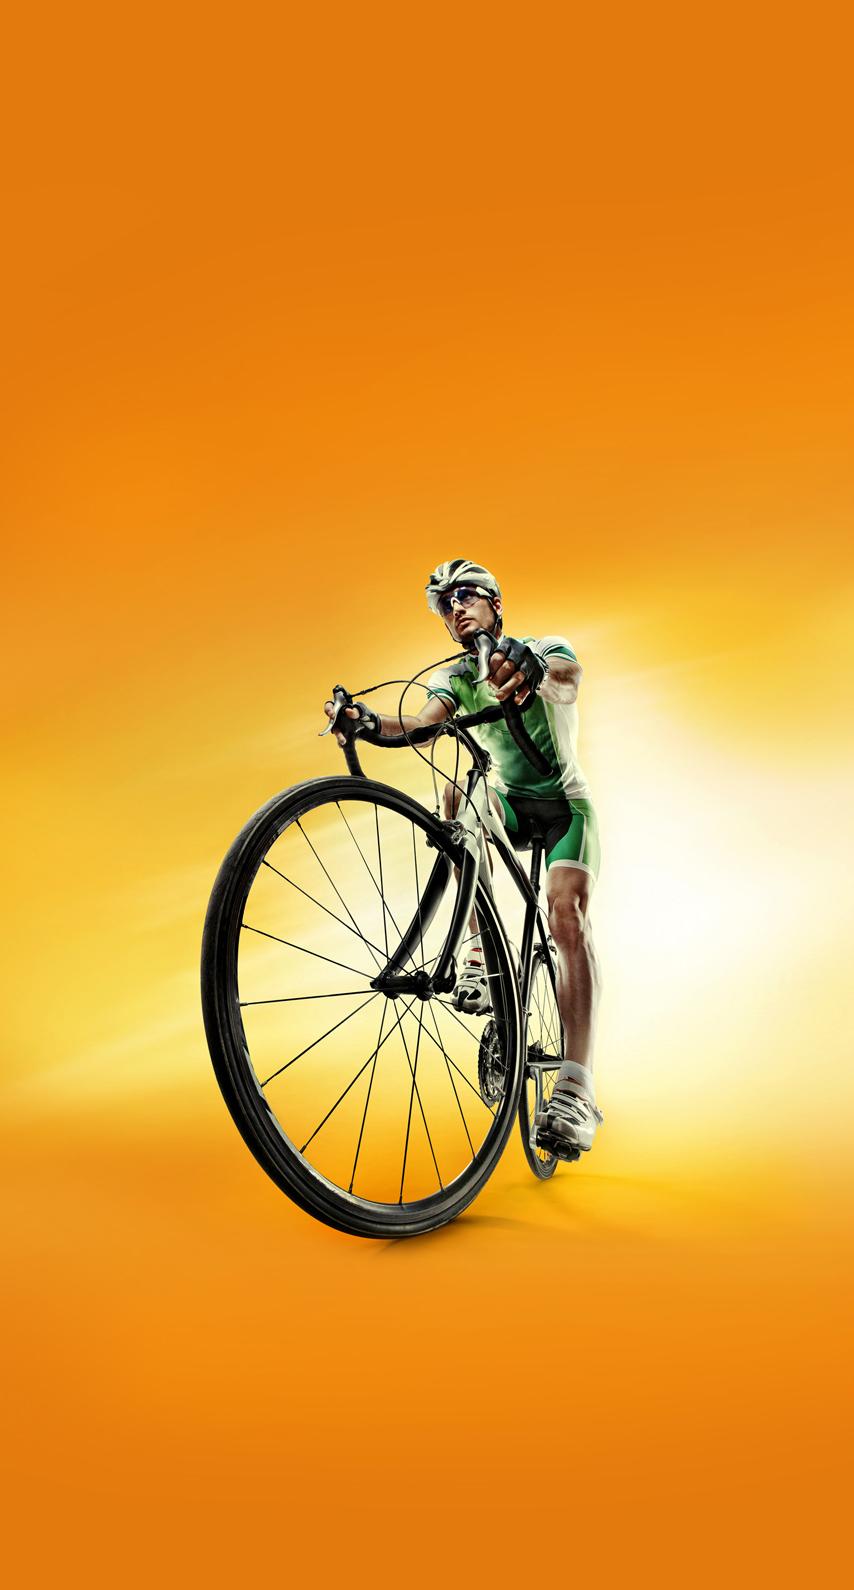 race, sport